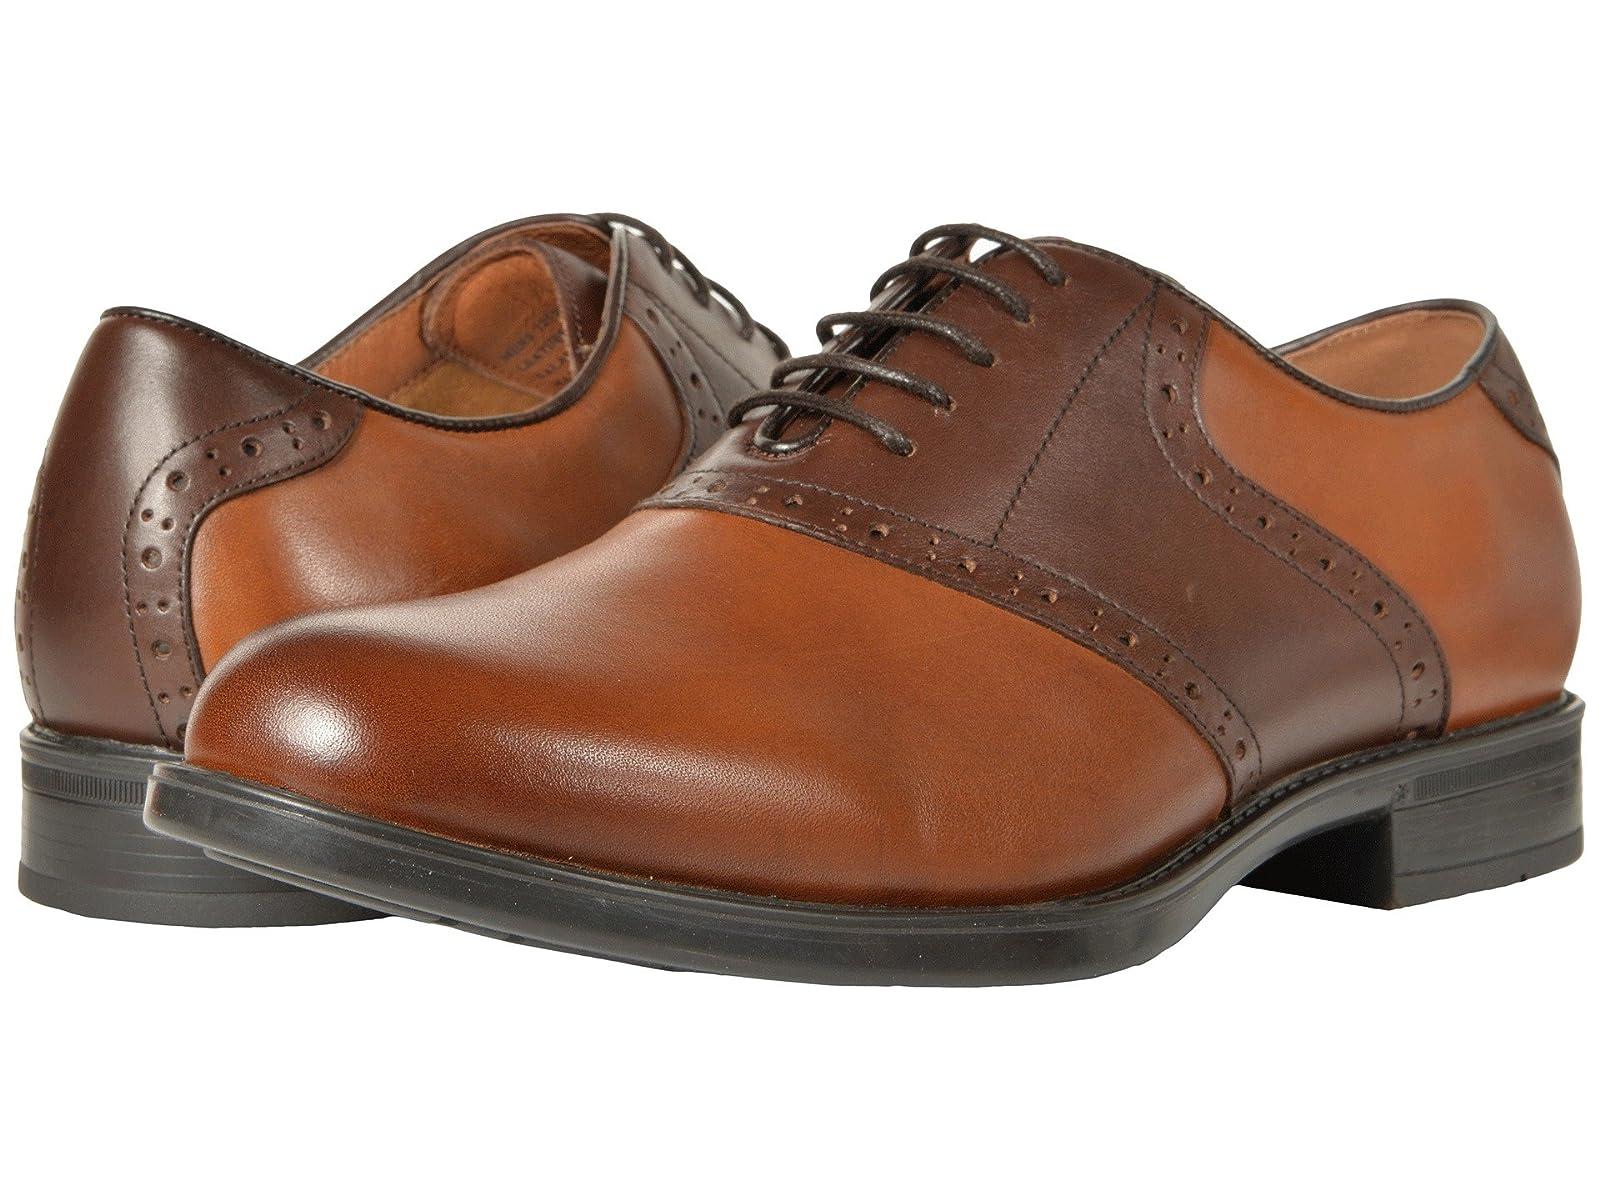 Florsheim Midtown Saddle OxfordAtmospheric grades have affordable shoes